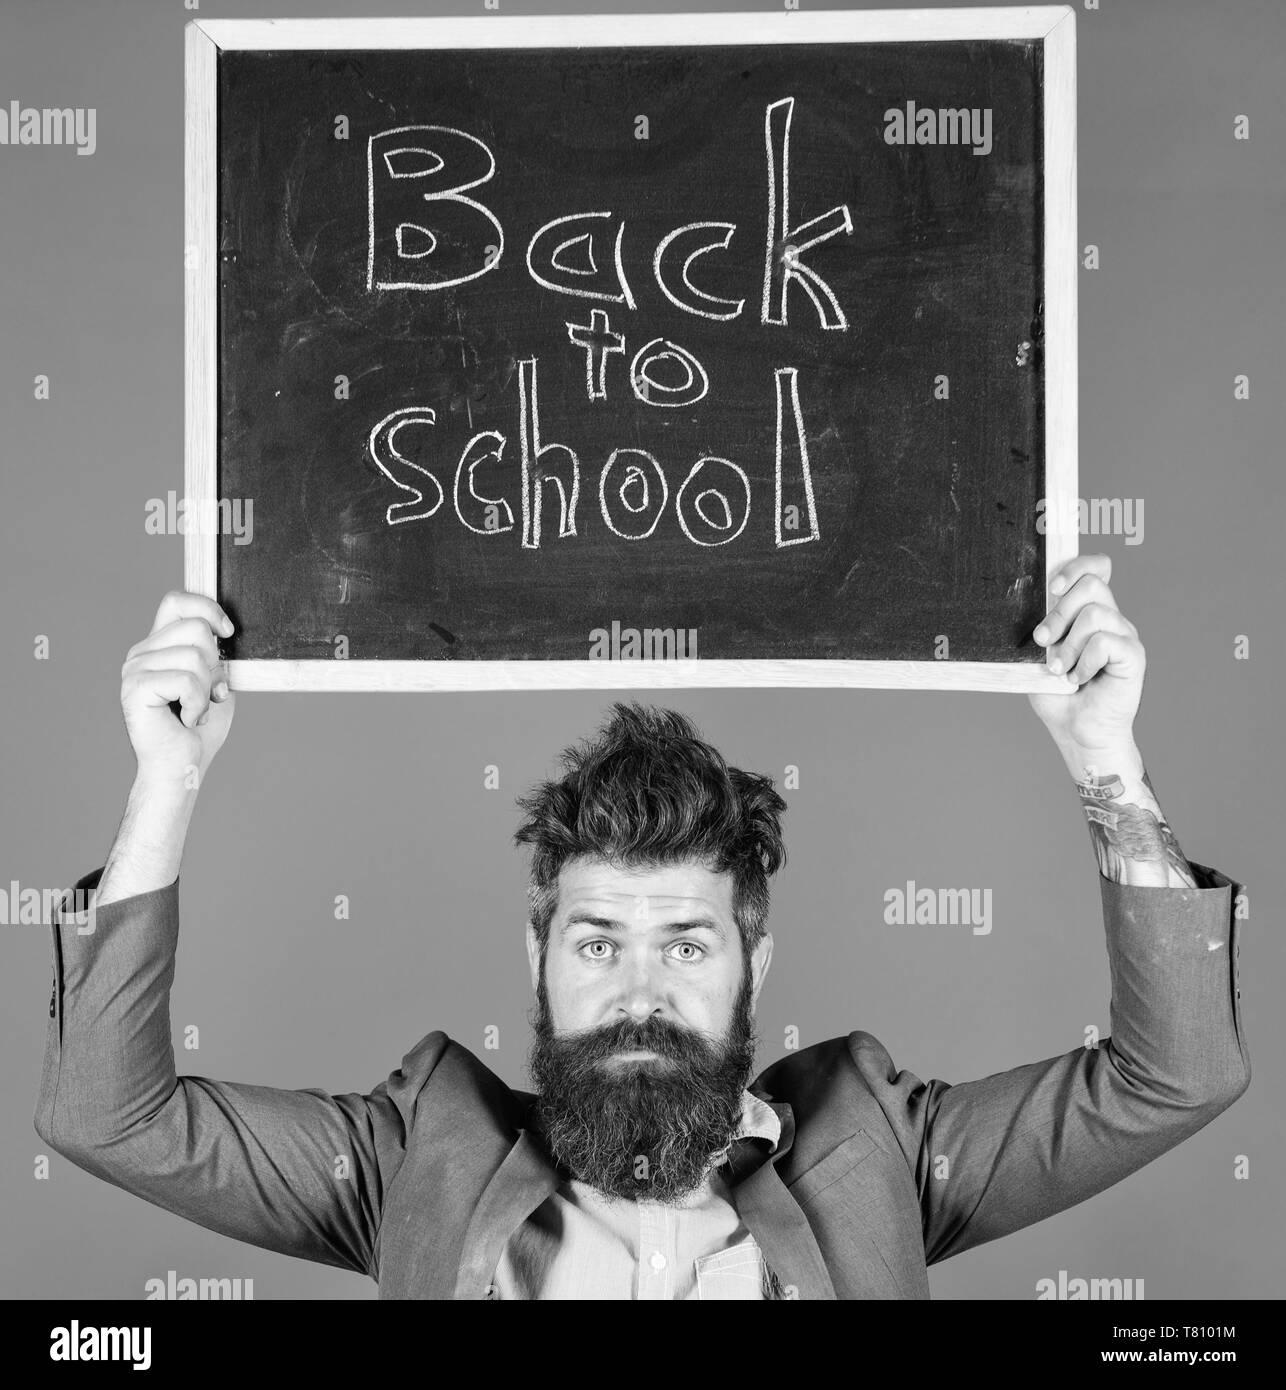 Maestro hombre barbado tiene pizarra con inscripción back to school fondo azul. Profesor con deslucido cabello estresante sobre el año escolar comienza. Enseñanza ocupación estresante. No se turbe vuestro corazón. Imagen De Stock